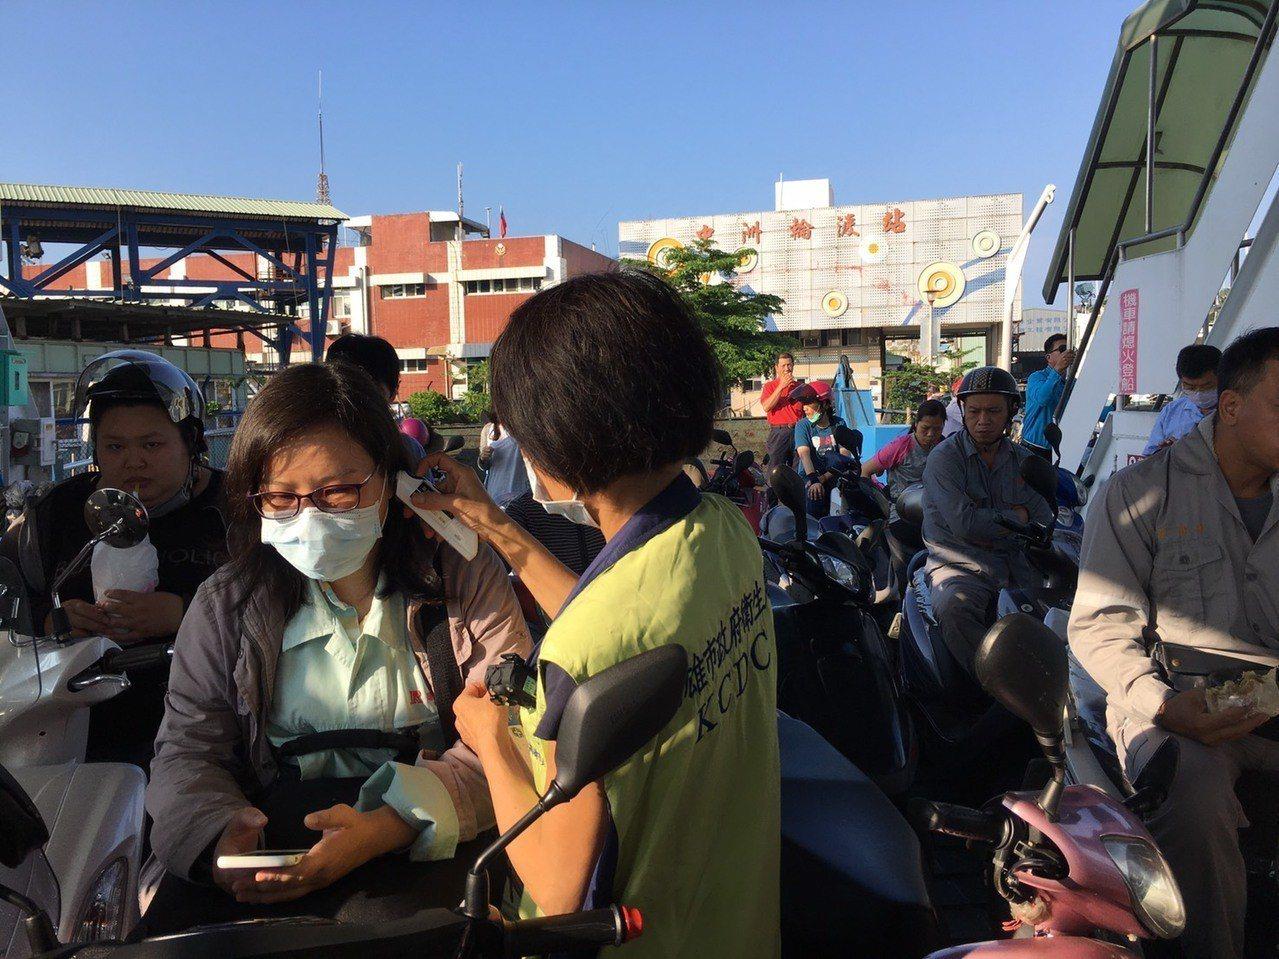 高雄市衛生局疾管人員今天上午6點到8點40分在中洲輪渡站,針對上班、上課尖峰時段...